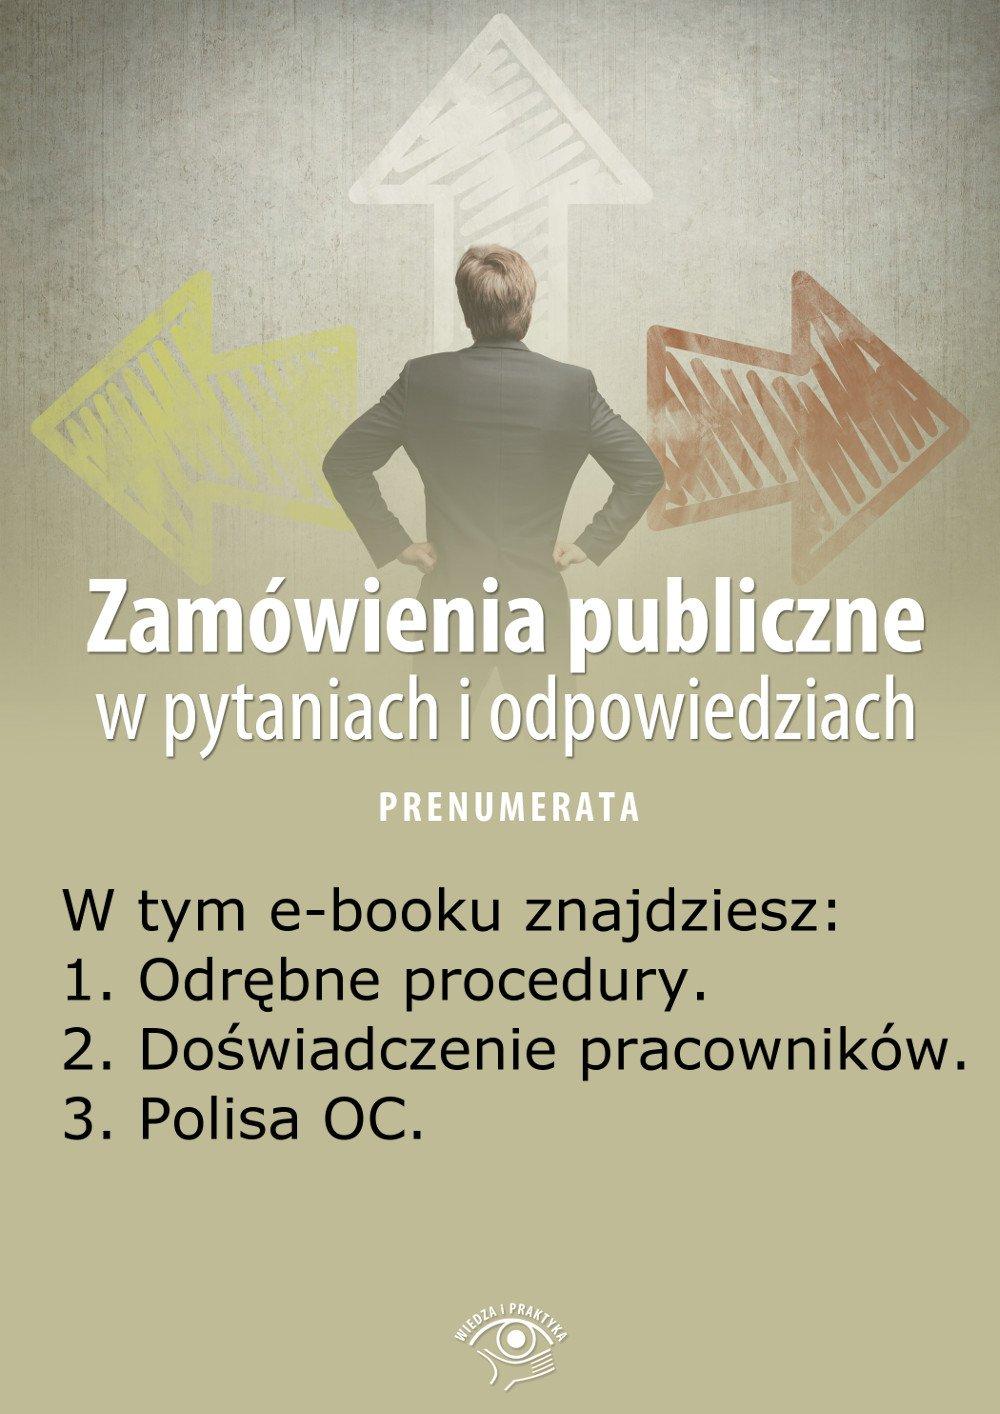 Zamówienia publiczne w pytaniach i odpowiedziach. Wydanie maj 2014 r. - Ebook (Książka EPUB) do pobrania w formacie EPUB